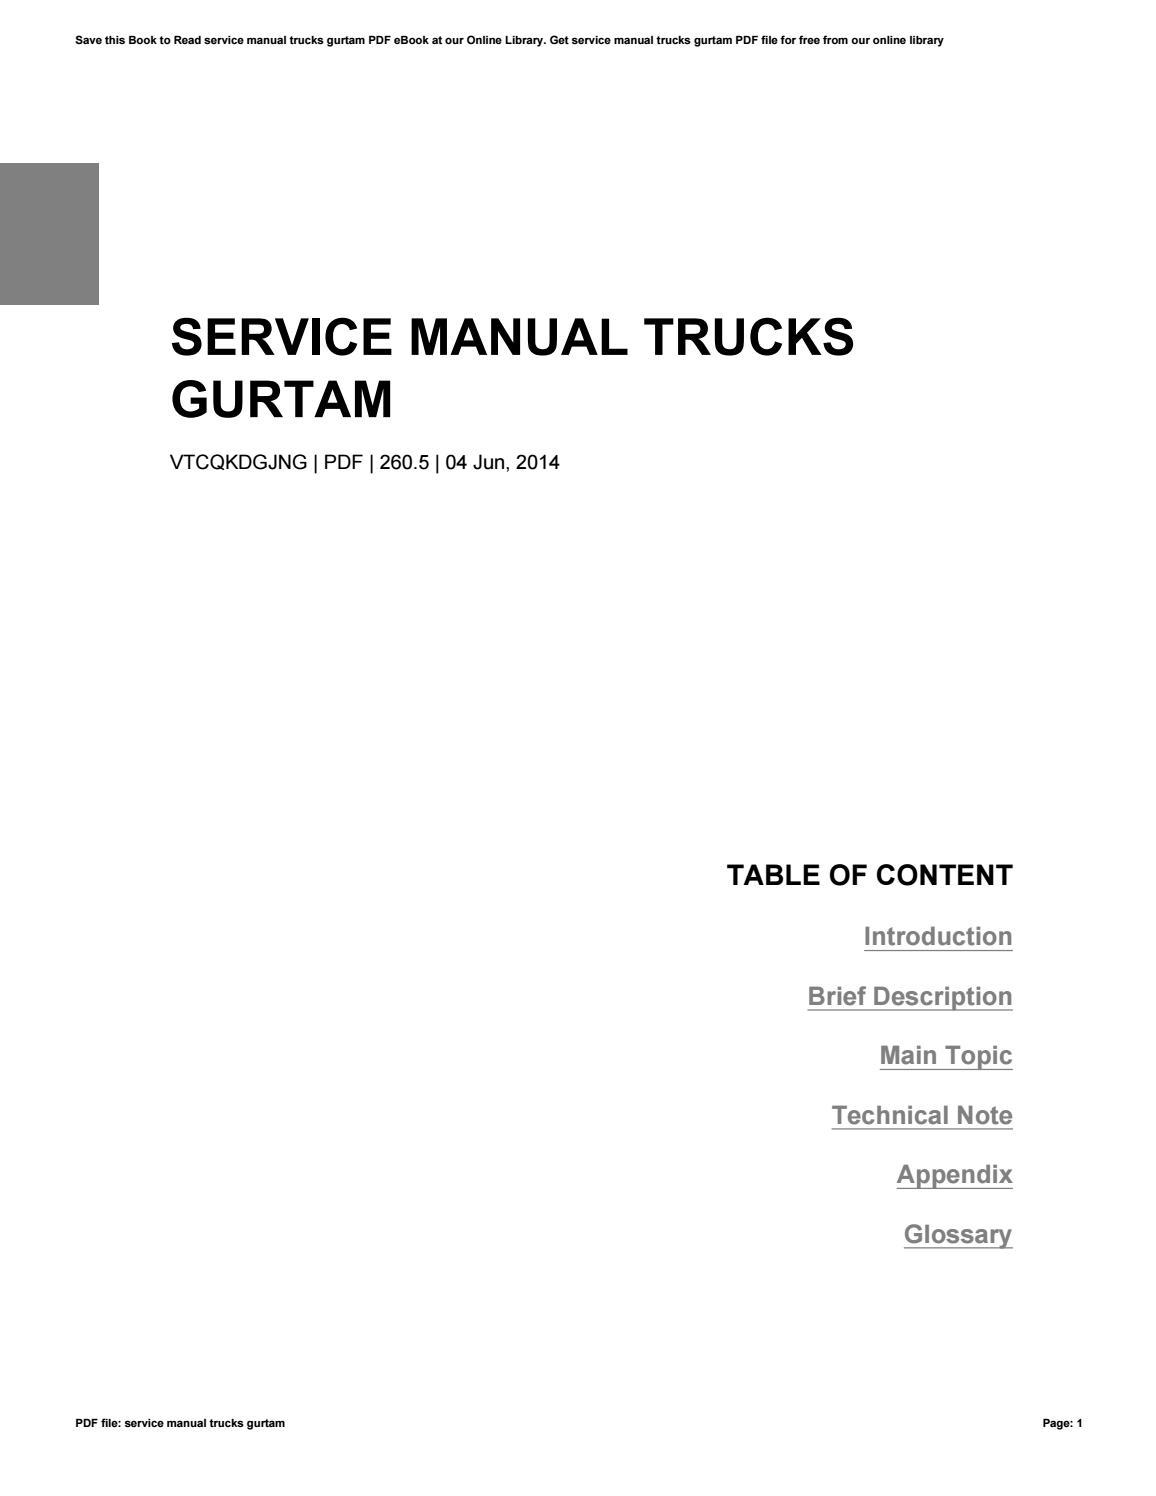 service manual trucks gurtam by endrix986 issuu rh issuu com 1940 Dodge Truck Manual Transmission Trucks